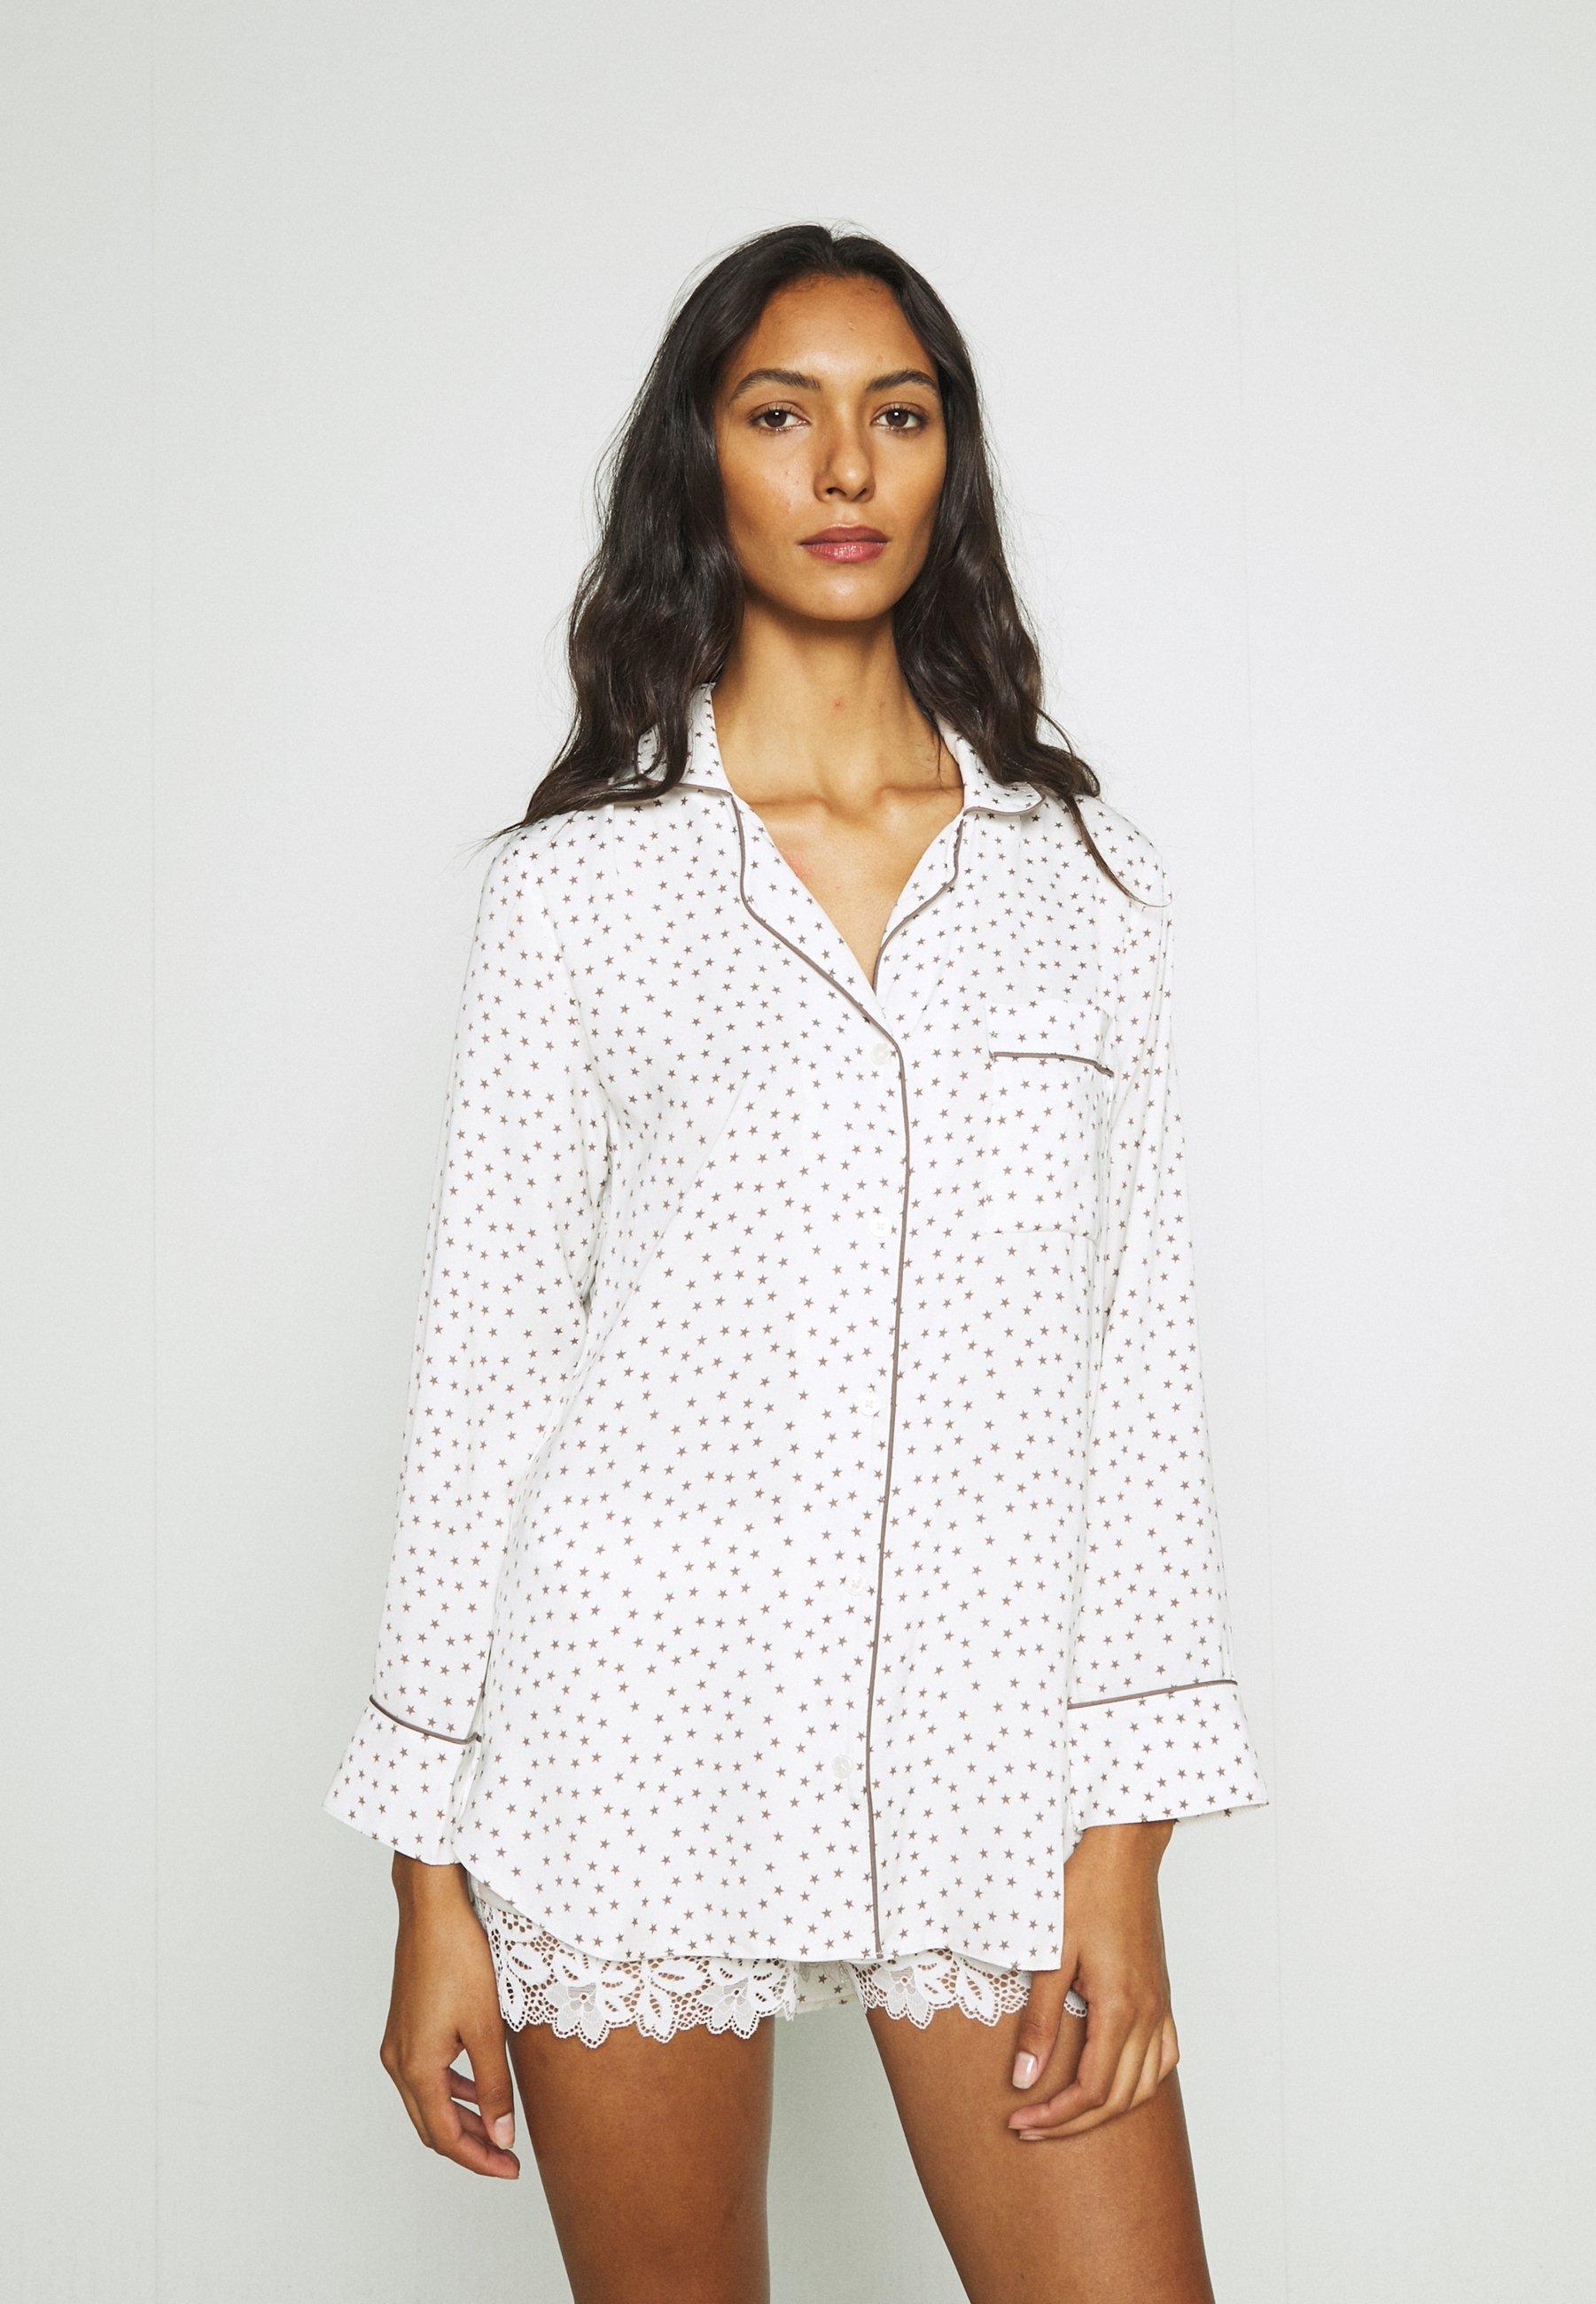 Donna PIPING SHIRT - Maglia del pigiama